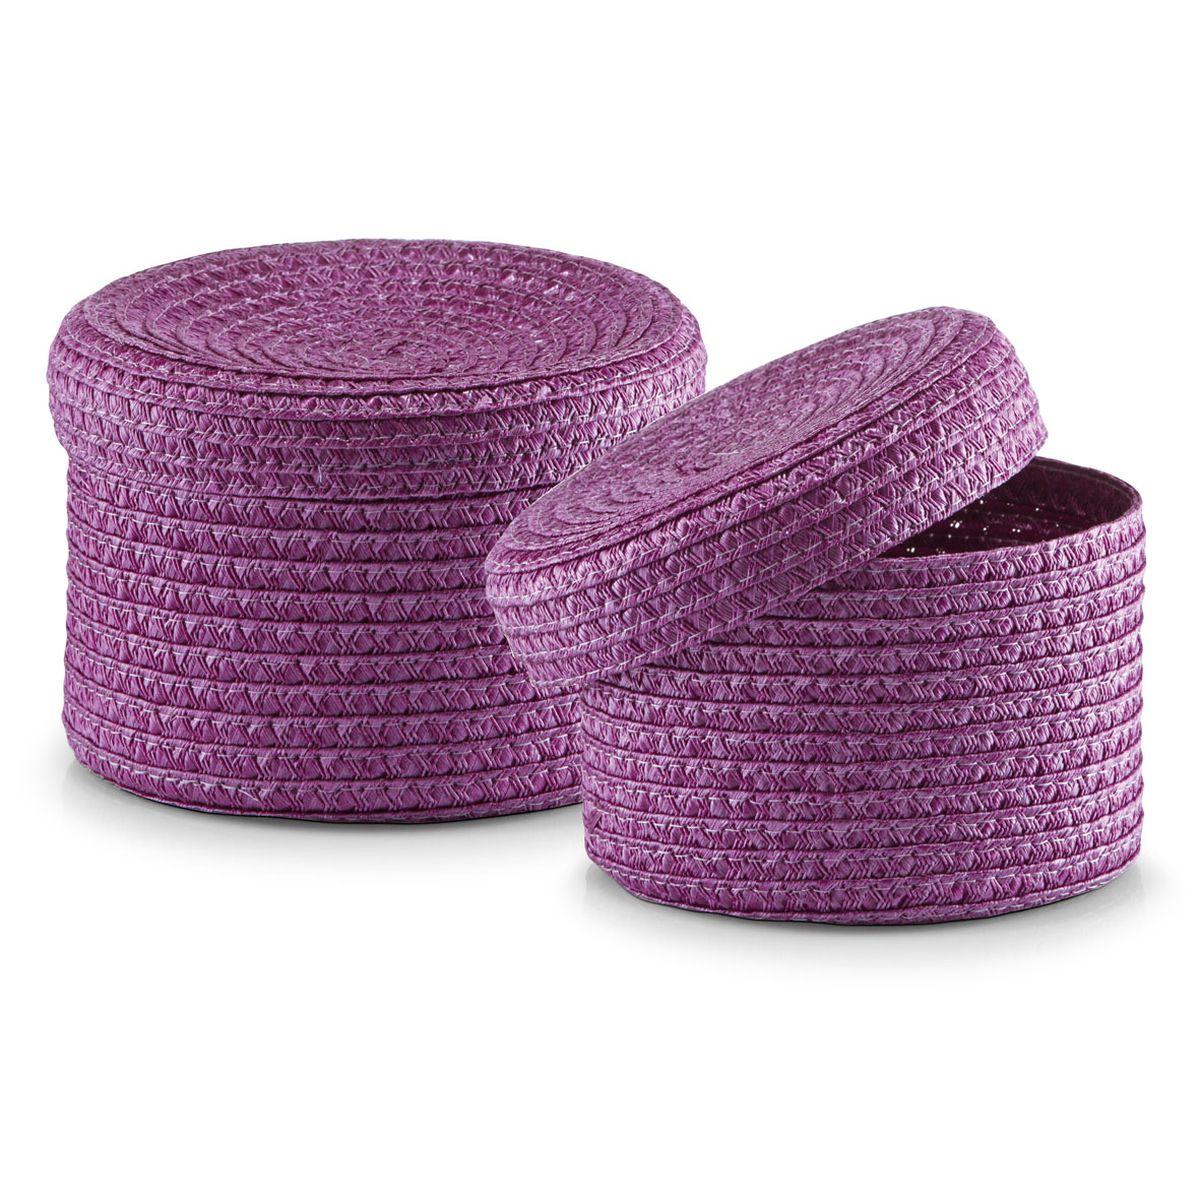 Набор корзин Zeller с крышками, цвет: фиолетовый, 2 шт набор из 3 х плетеных корзин ql400339